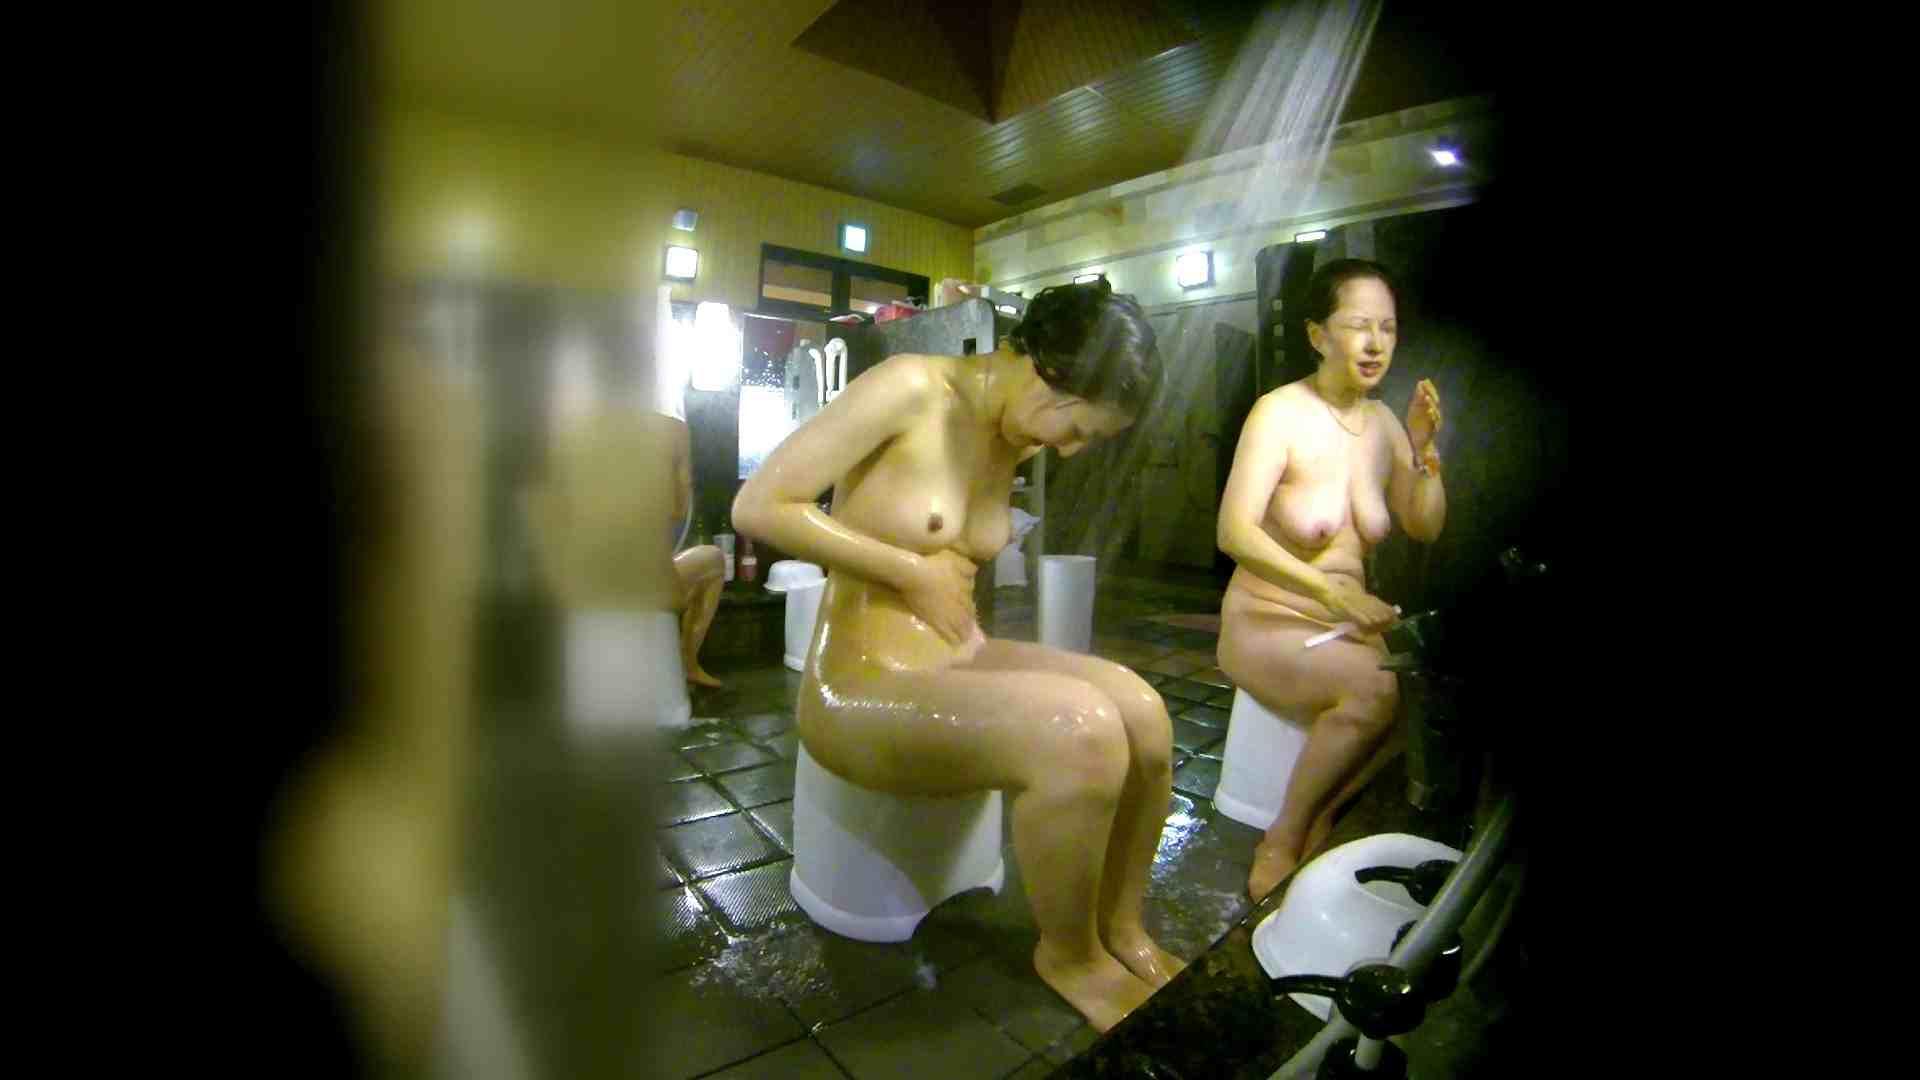 洗い場!右足の位置がいいですね。陰毛もっさり! 潜入 おまんこ動画流出 113pic 59